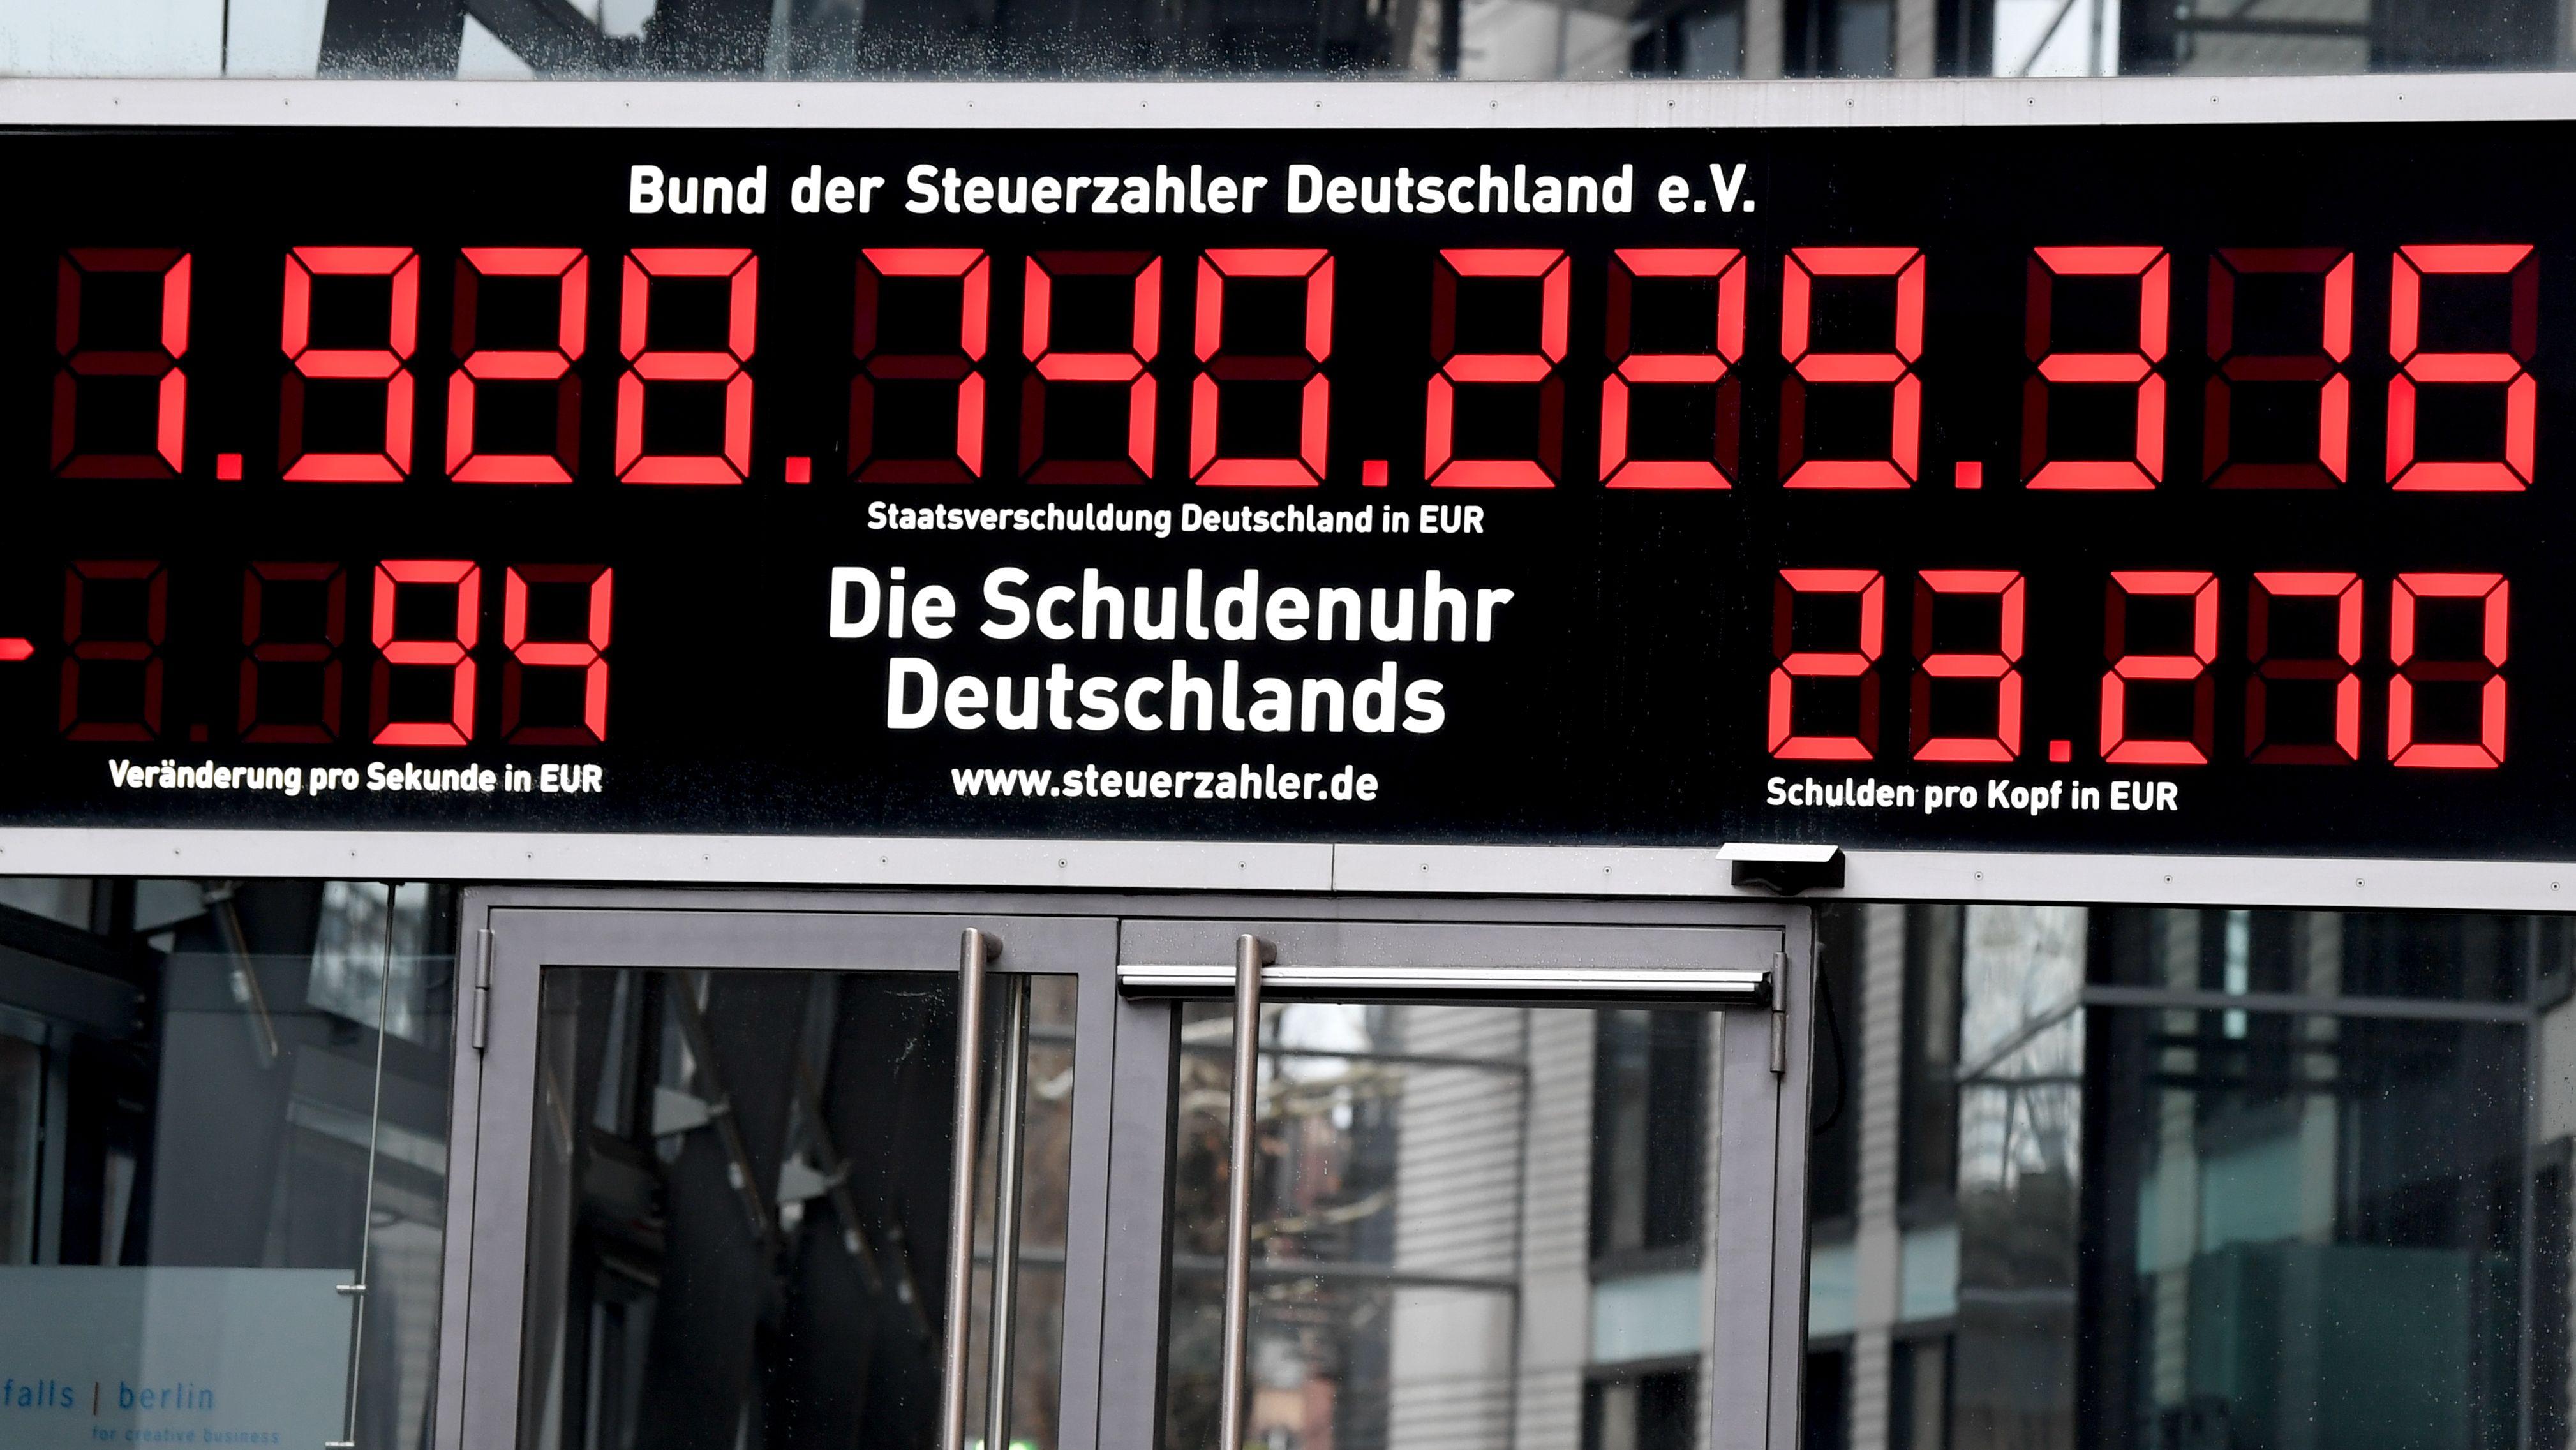 9.1.2019: Die Schuldenuhr vom Bund der Steuerzahler Deutschland e.V. wurde auf -94 Euro/Sekunde umgestellt.